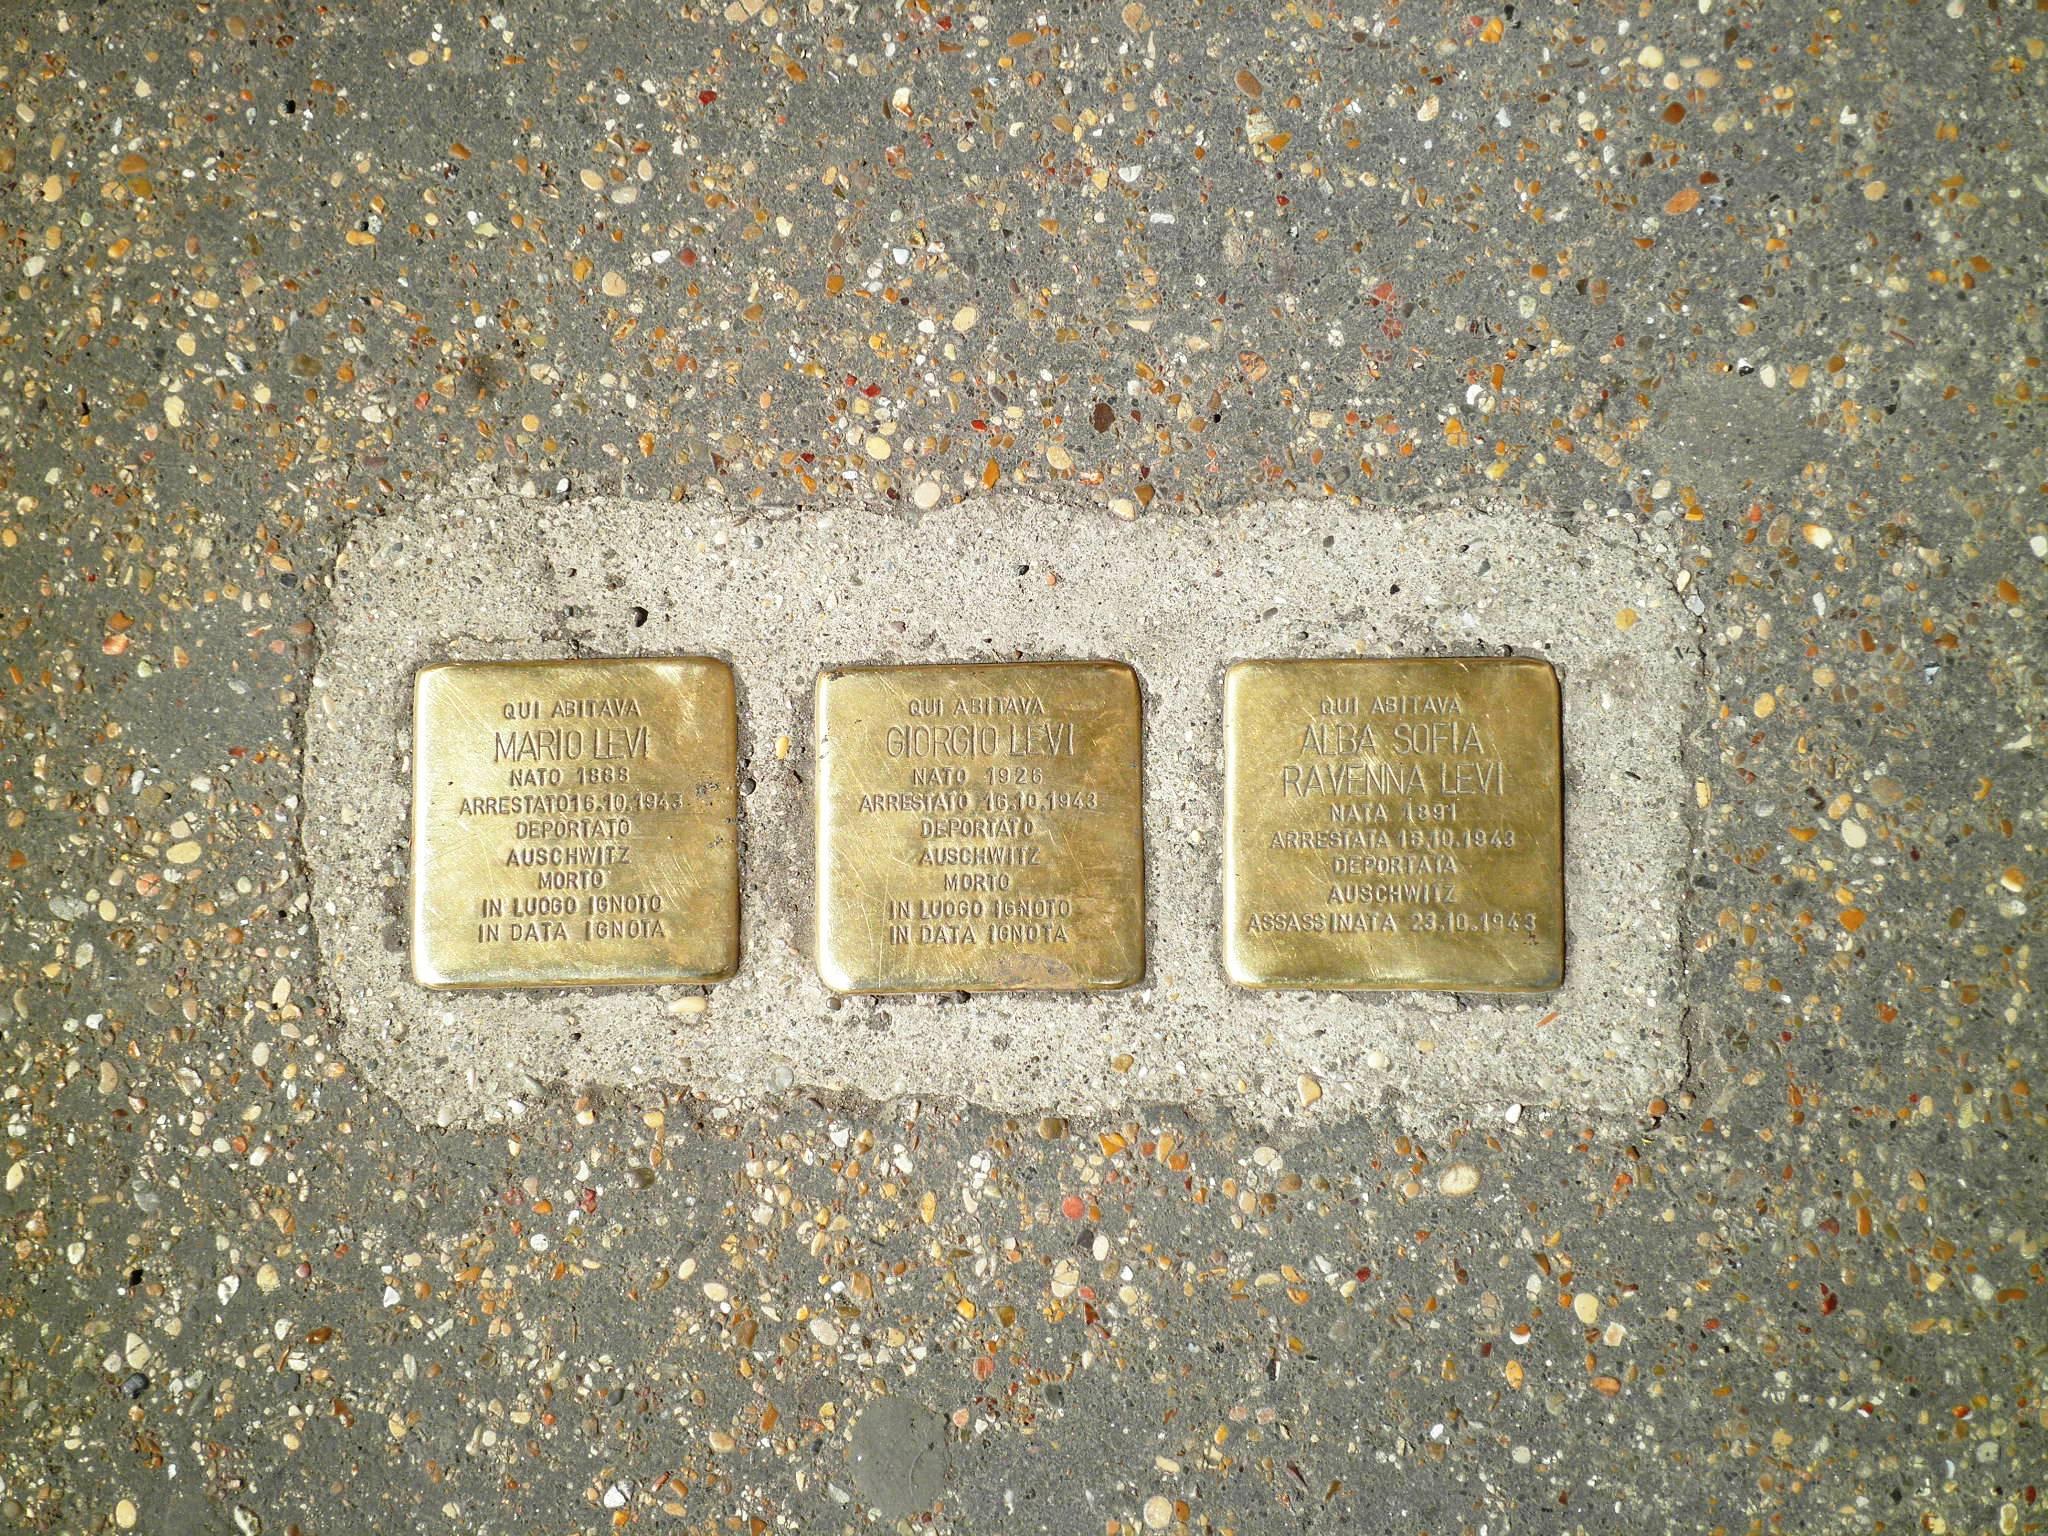 Pietre d'inciampo in Italia: introduzione